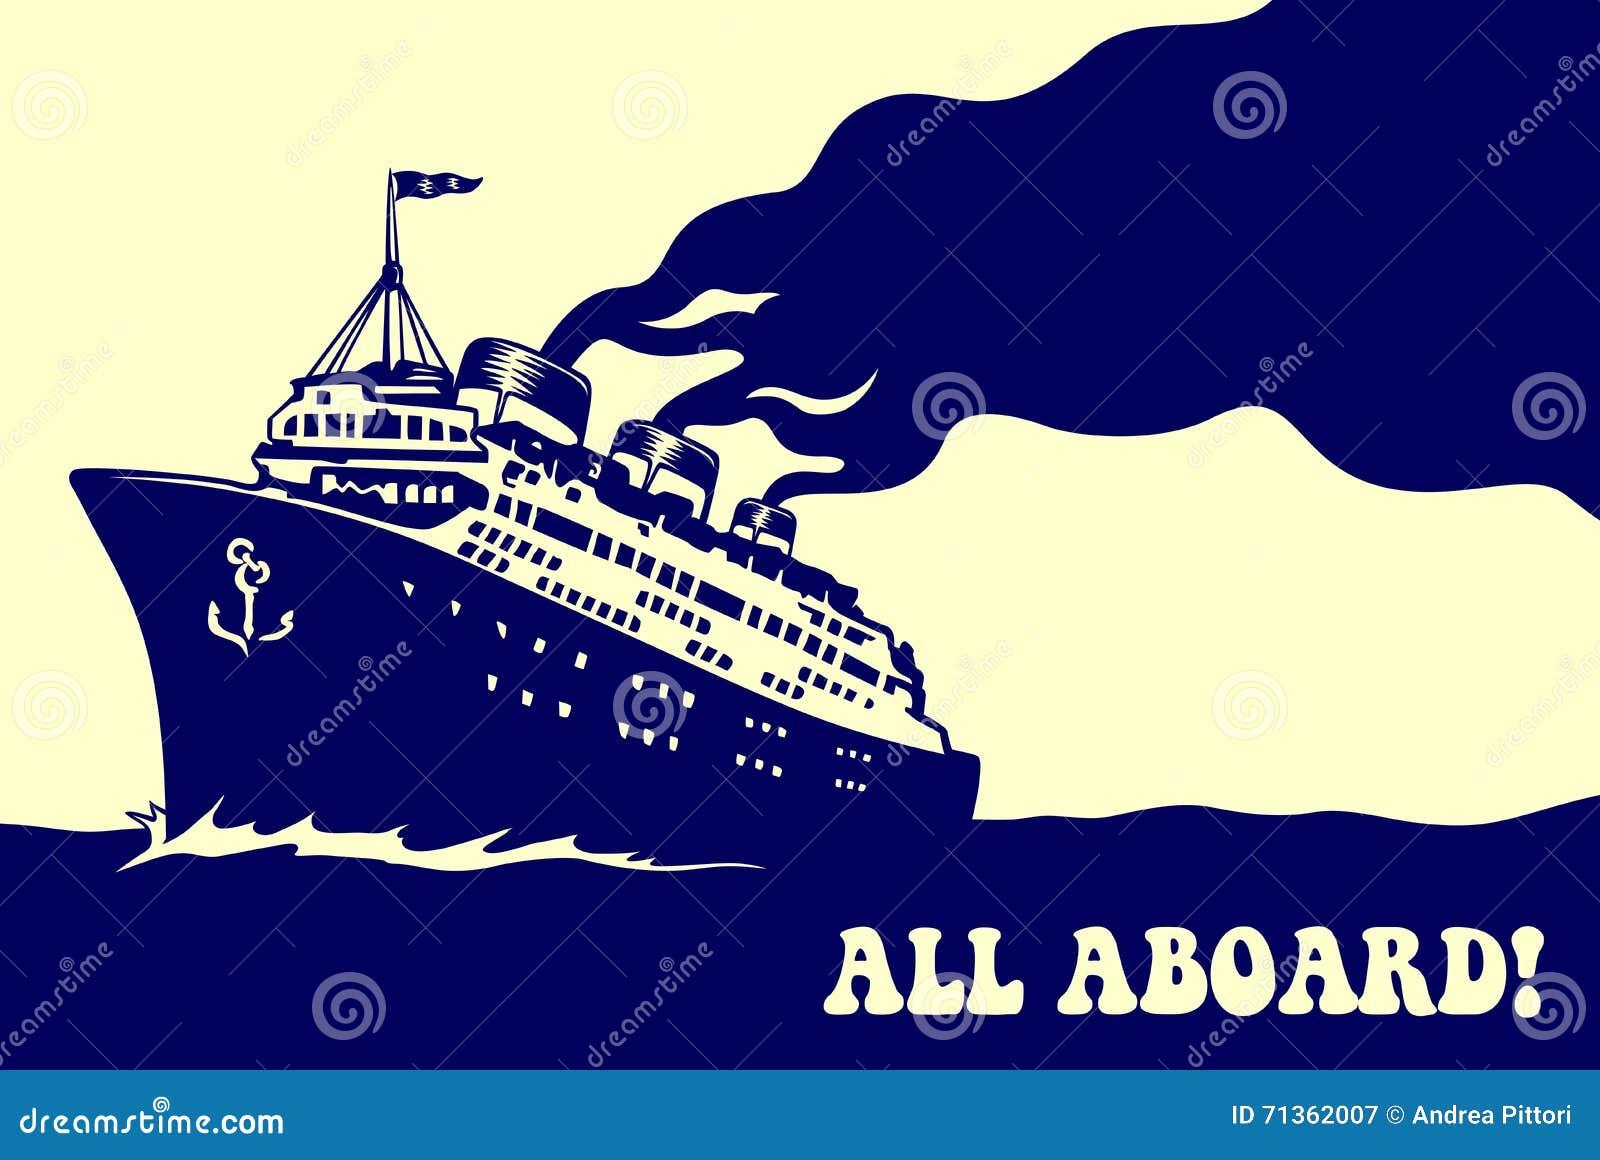 葡萄酒蒸汽海洋游轮减速火箭的旅行海报例证